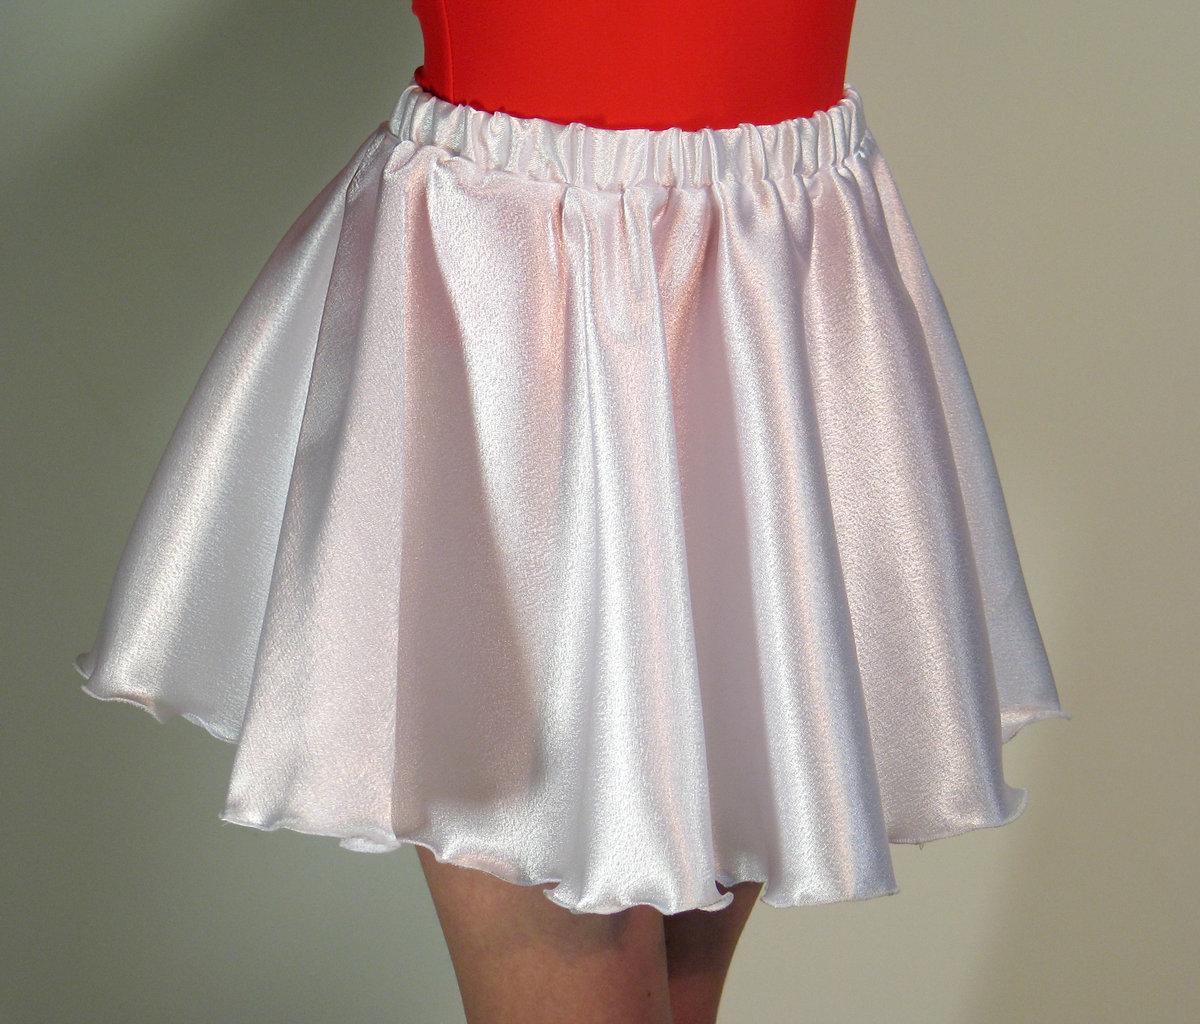 Шифоновая юбка для девочки своими руками